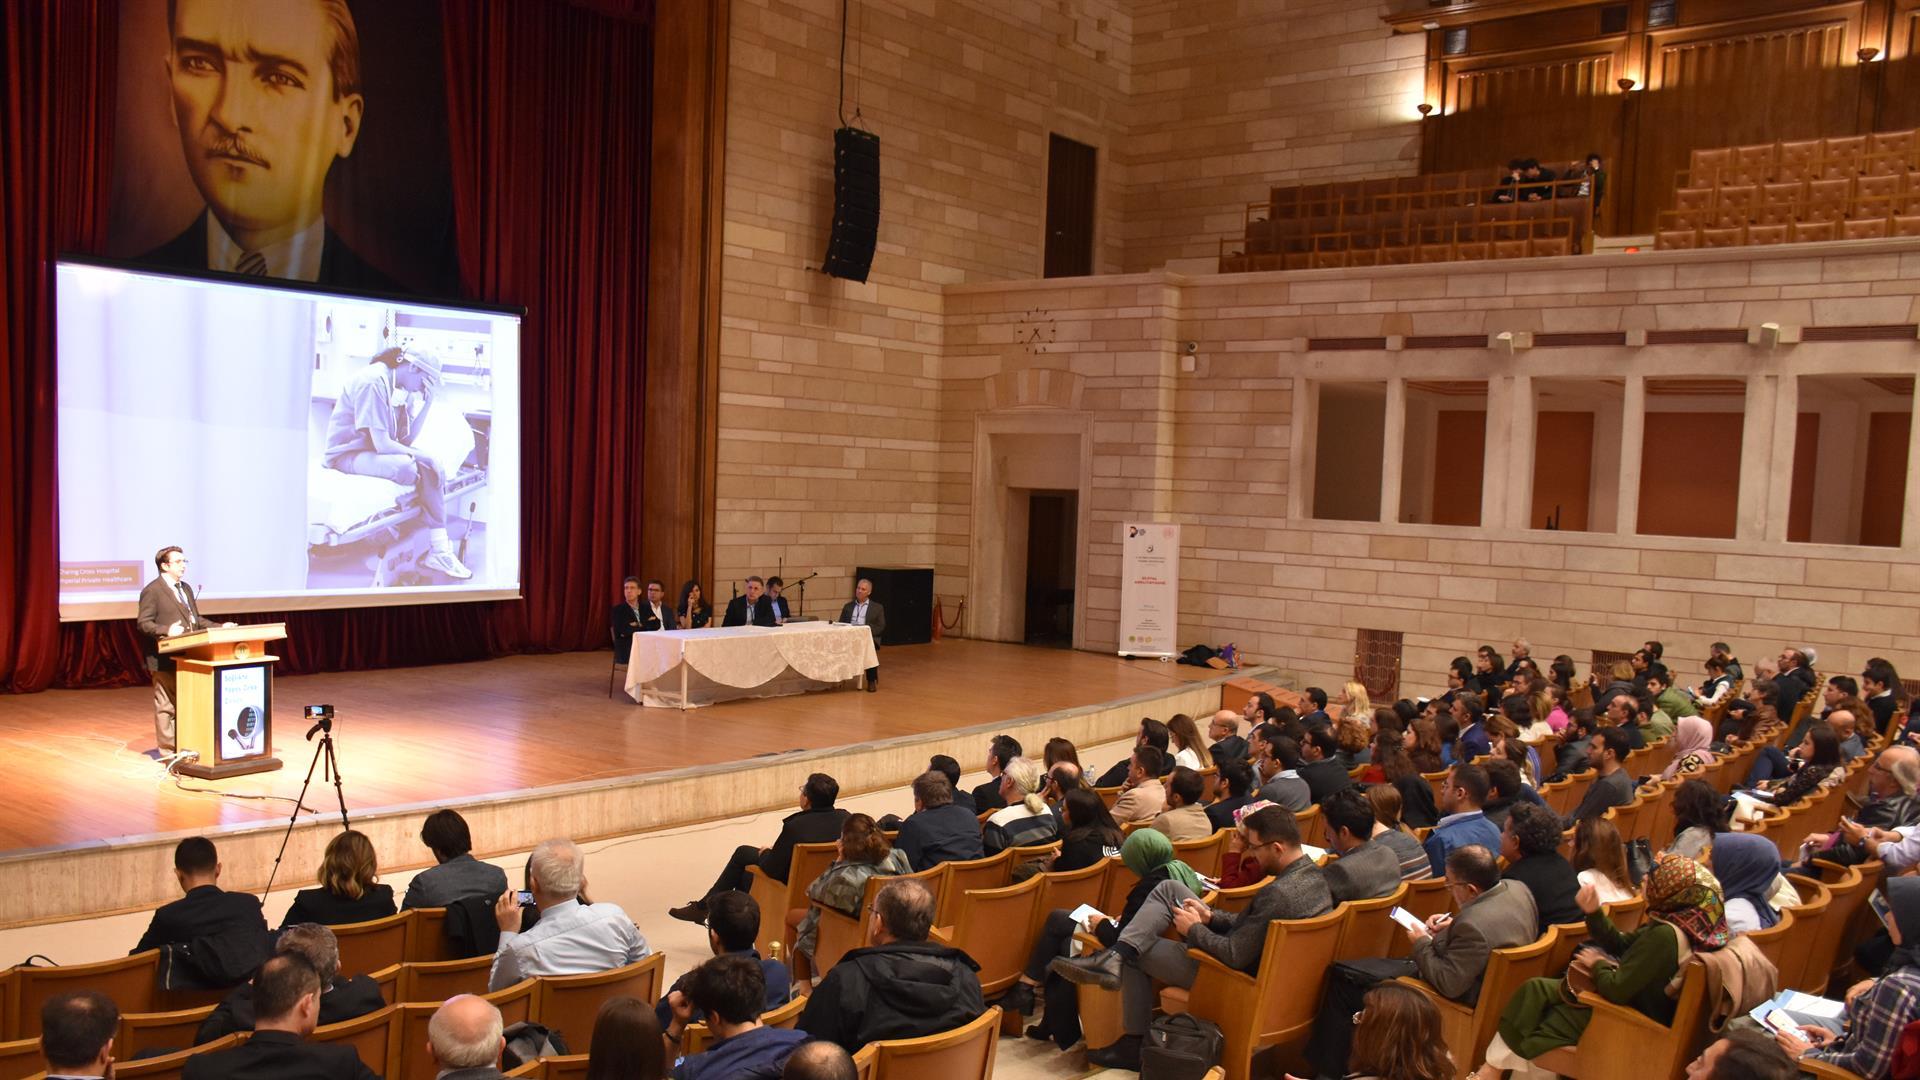 Sağlıkta-Yapay-Zekâ-Zirvesi-İstanbul-Üniversitesi'nde-Gerçekleştirildi